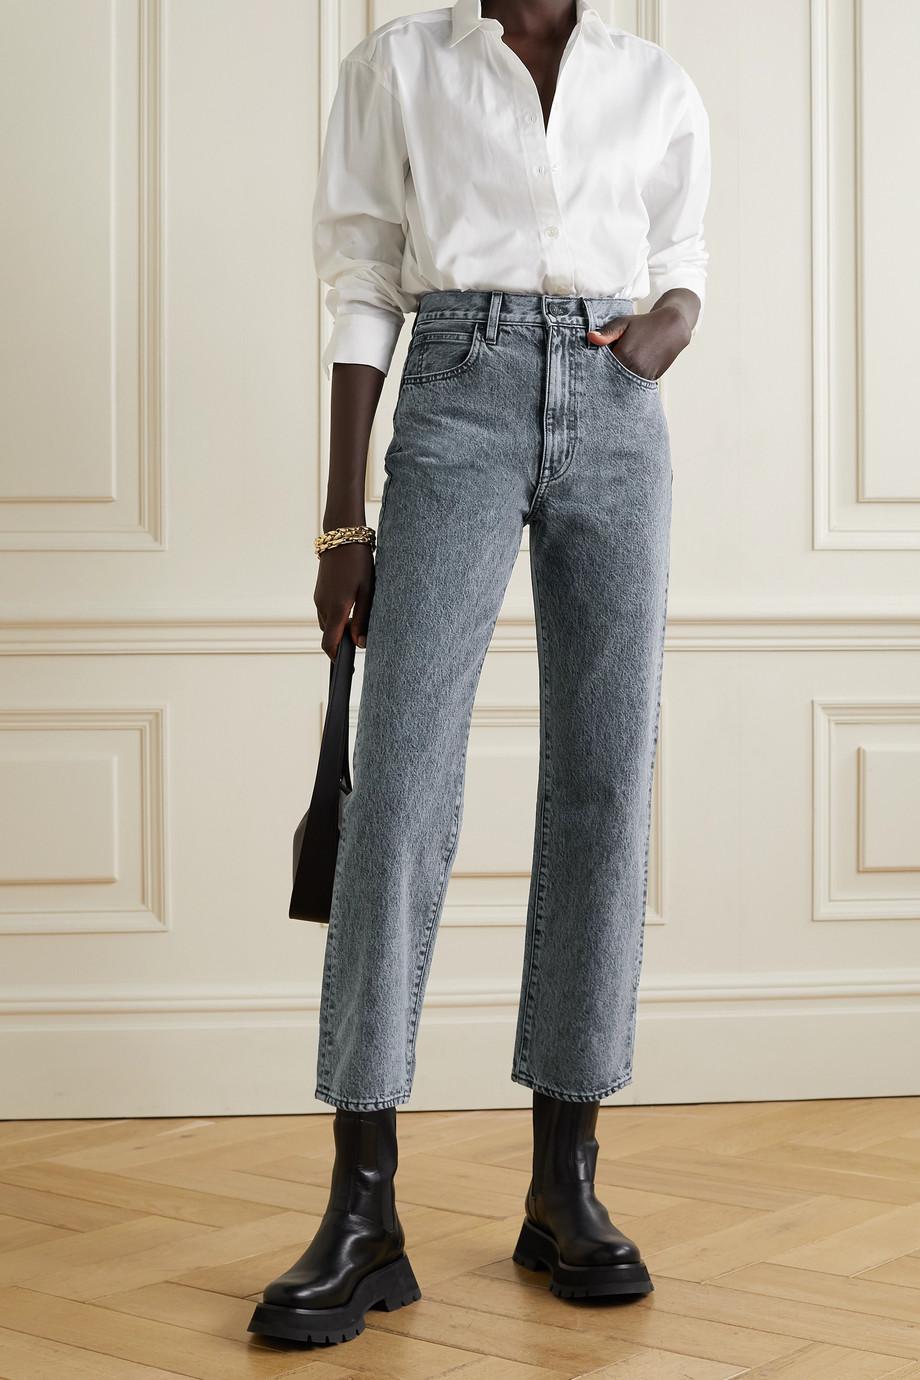 SLVRLAKE London 高腰九分直筒牛仔裤